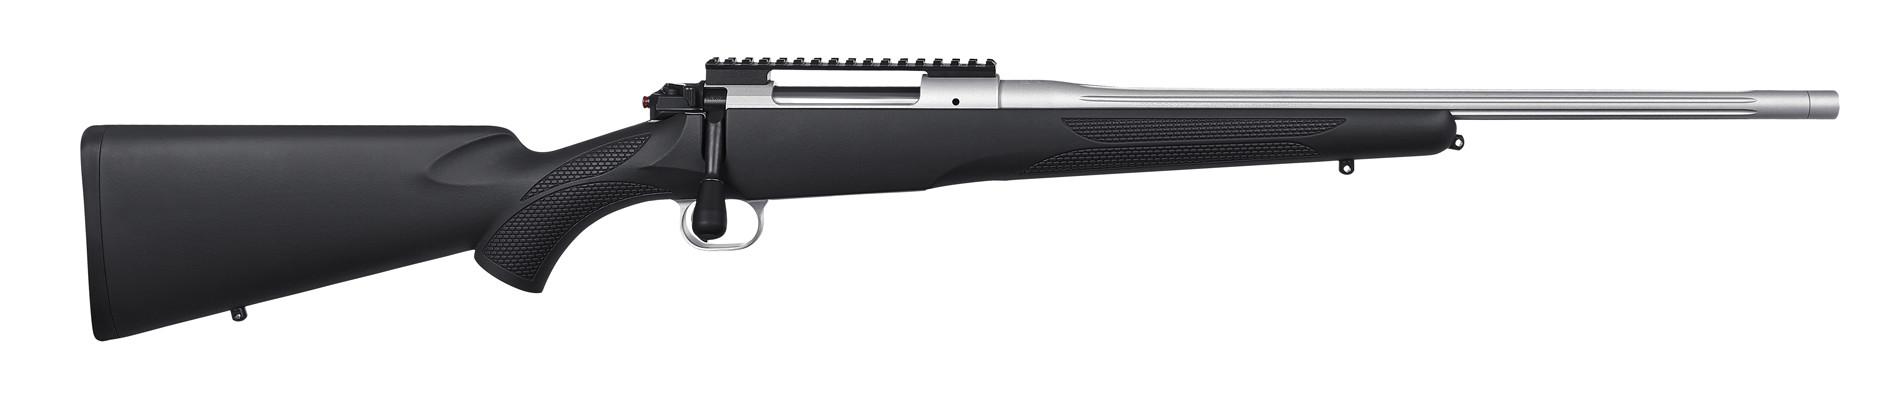 Mauser M 12 Impact Waffenstube Thalkirchen München Bayern Deutschland